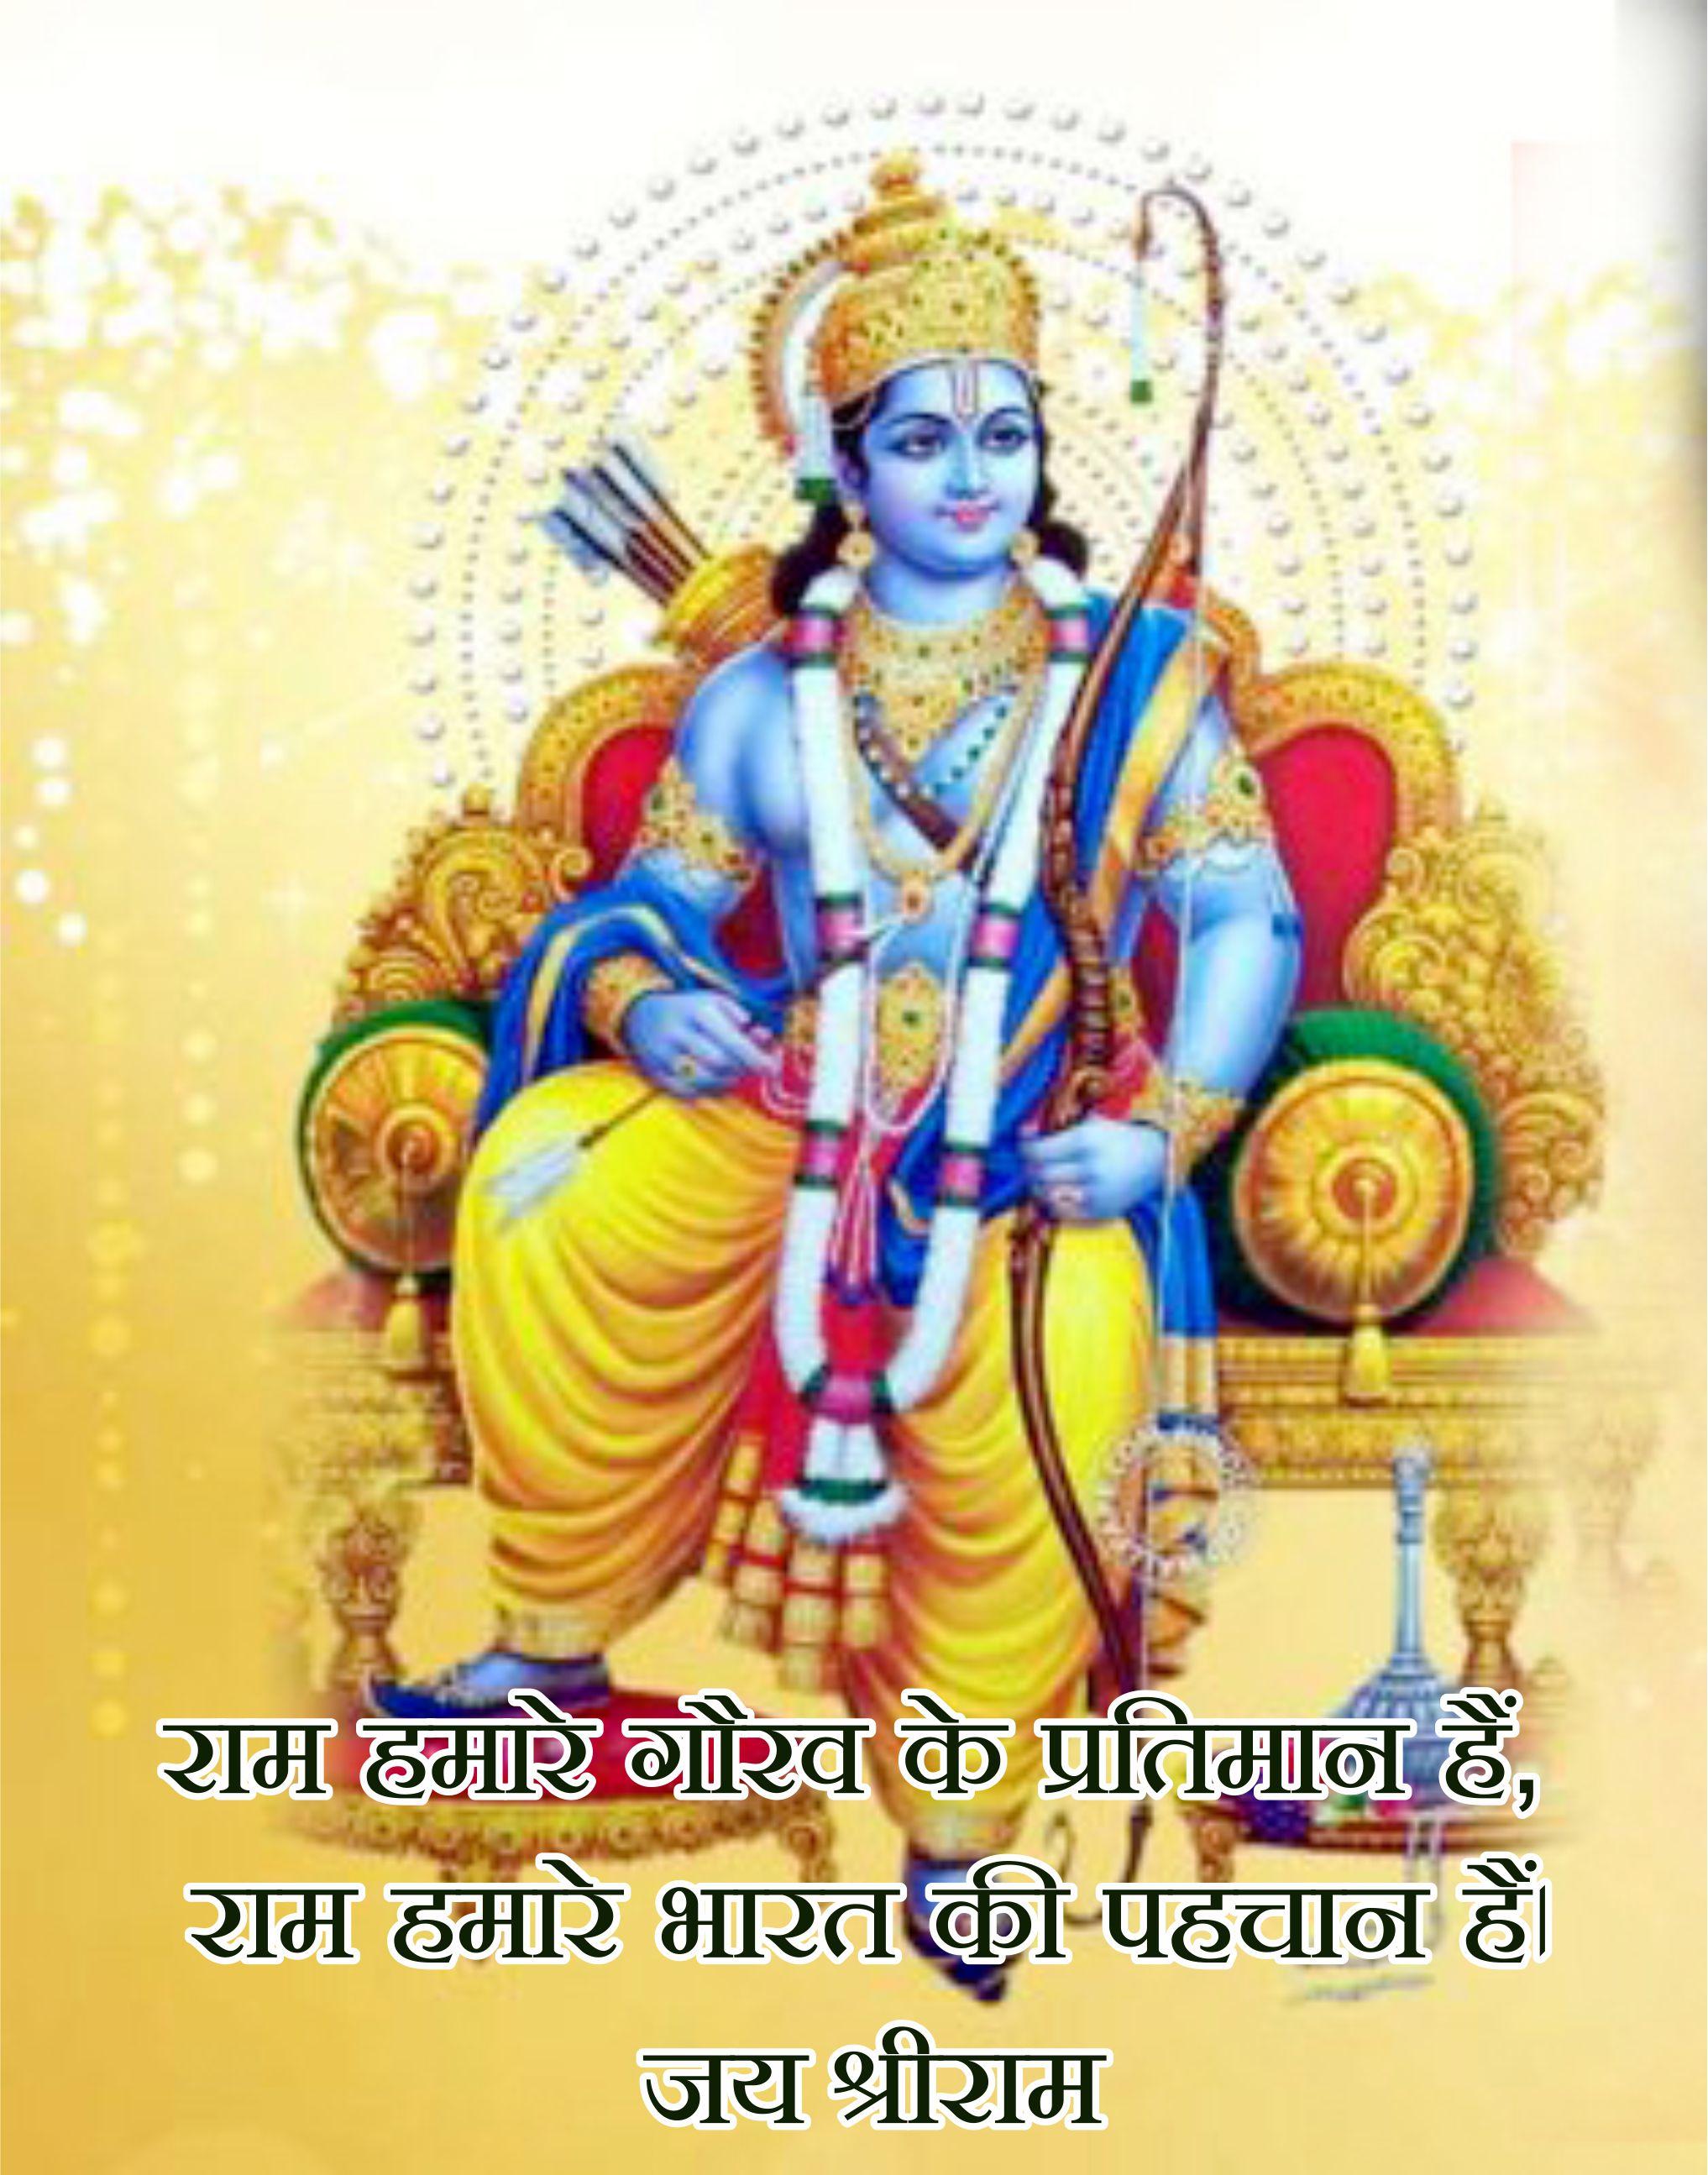 bhagwan shree ram whatsapp status wallpaper and image